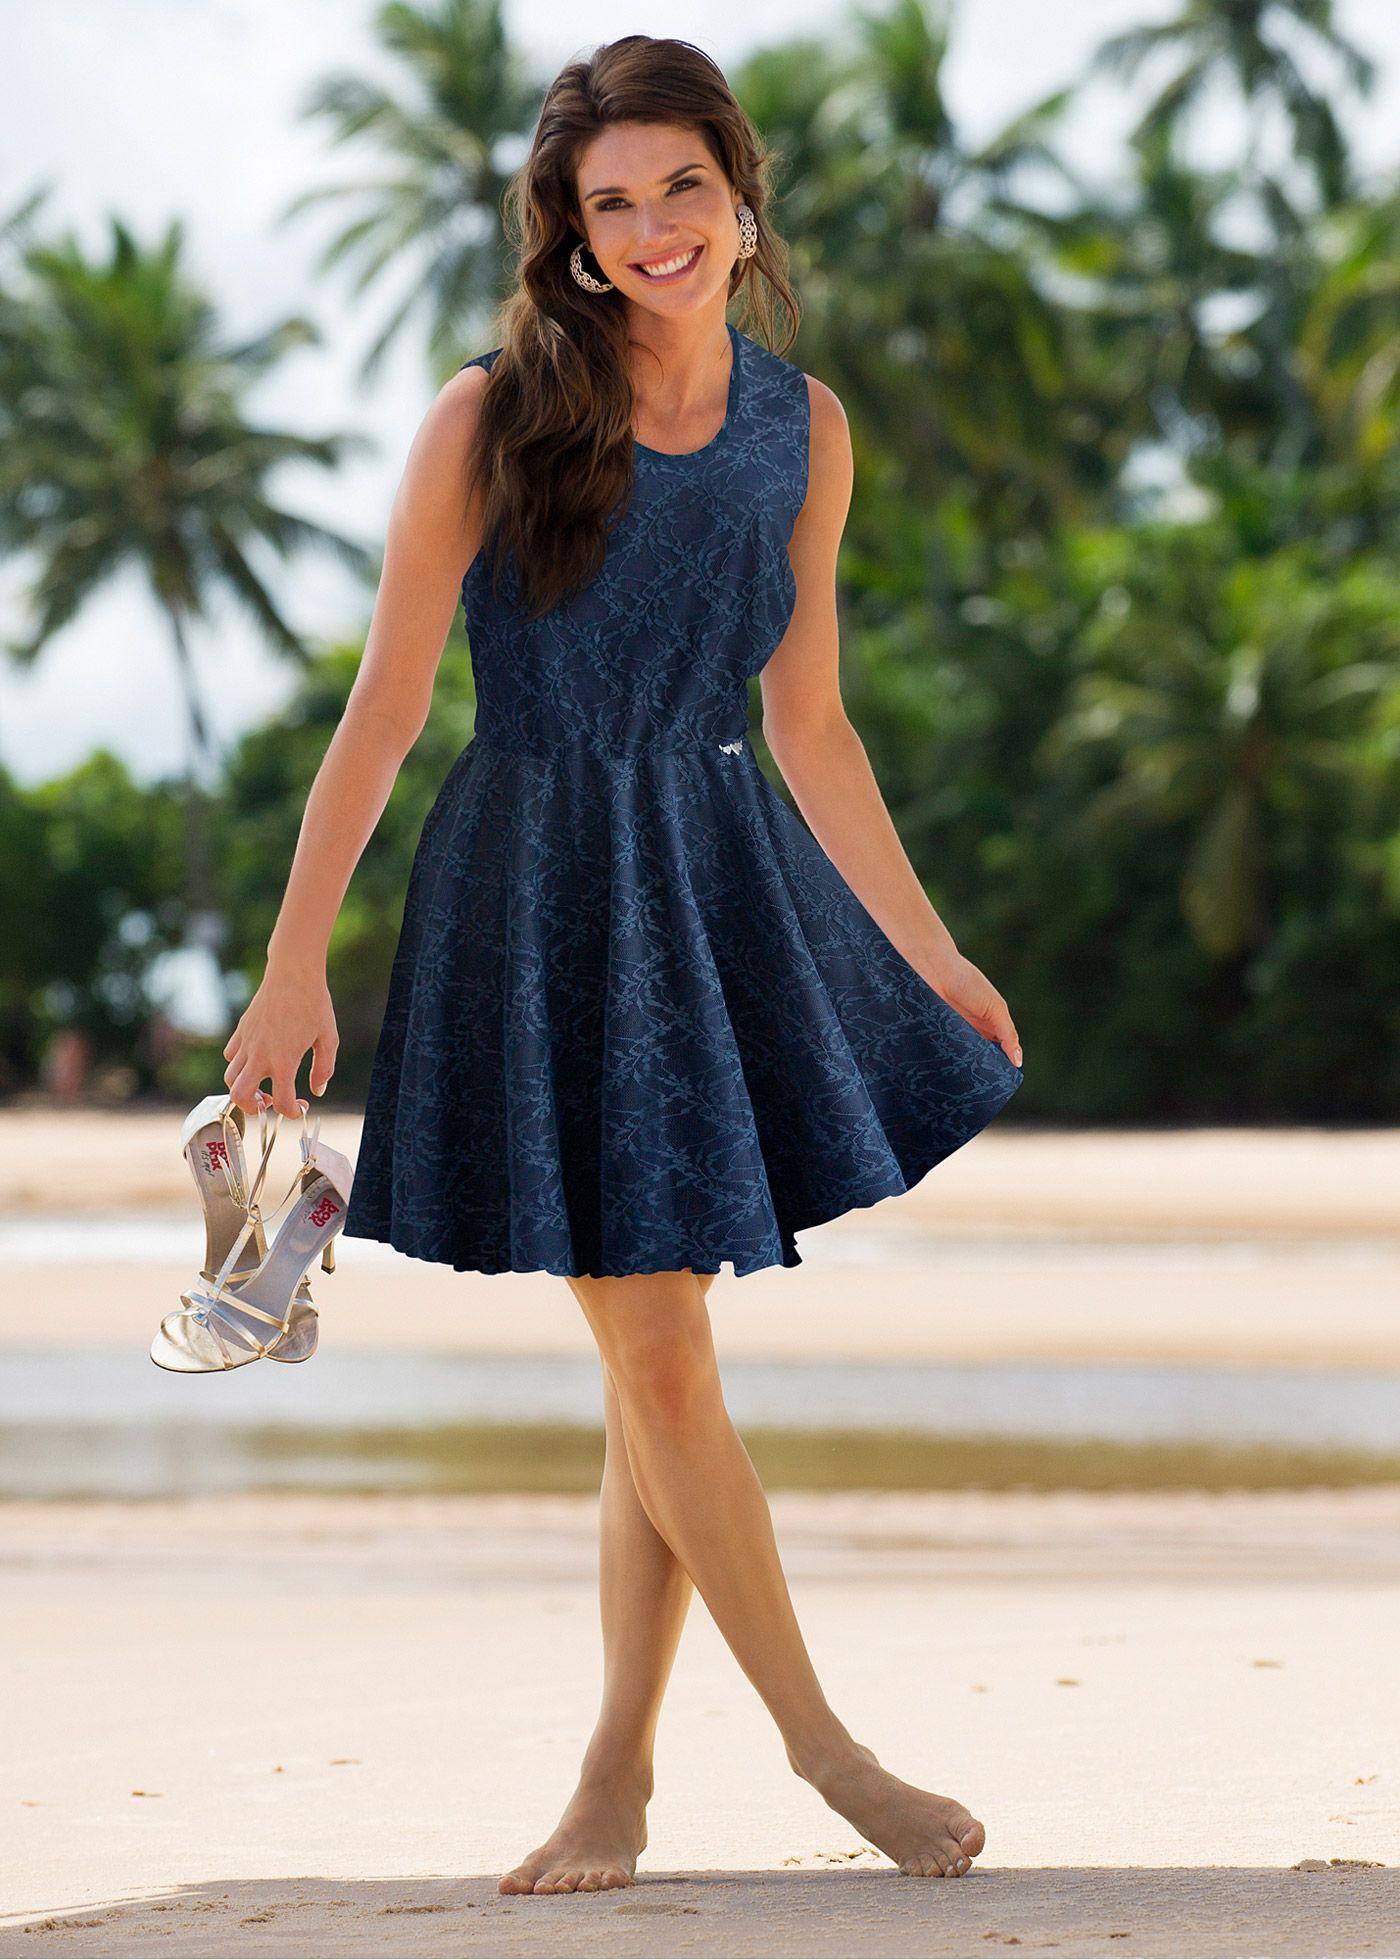 Vestido de renda branco/branco encomendar agora na loja on-line bonprix.de  R$ 79,90 a partir de Este vestido é um clássico! Chique e simples. Confeccionado ...